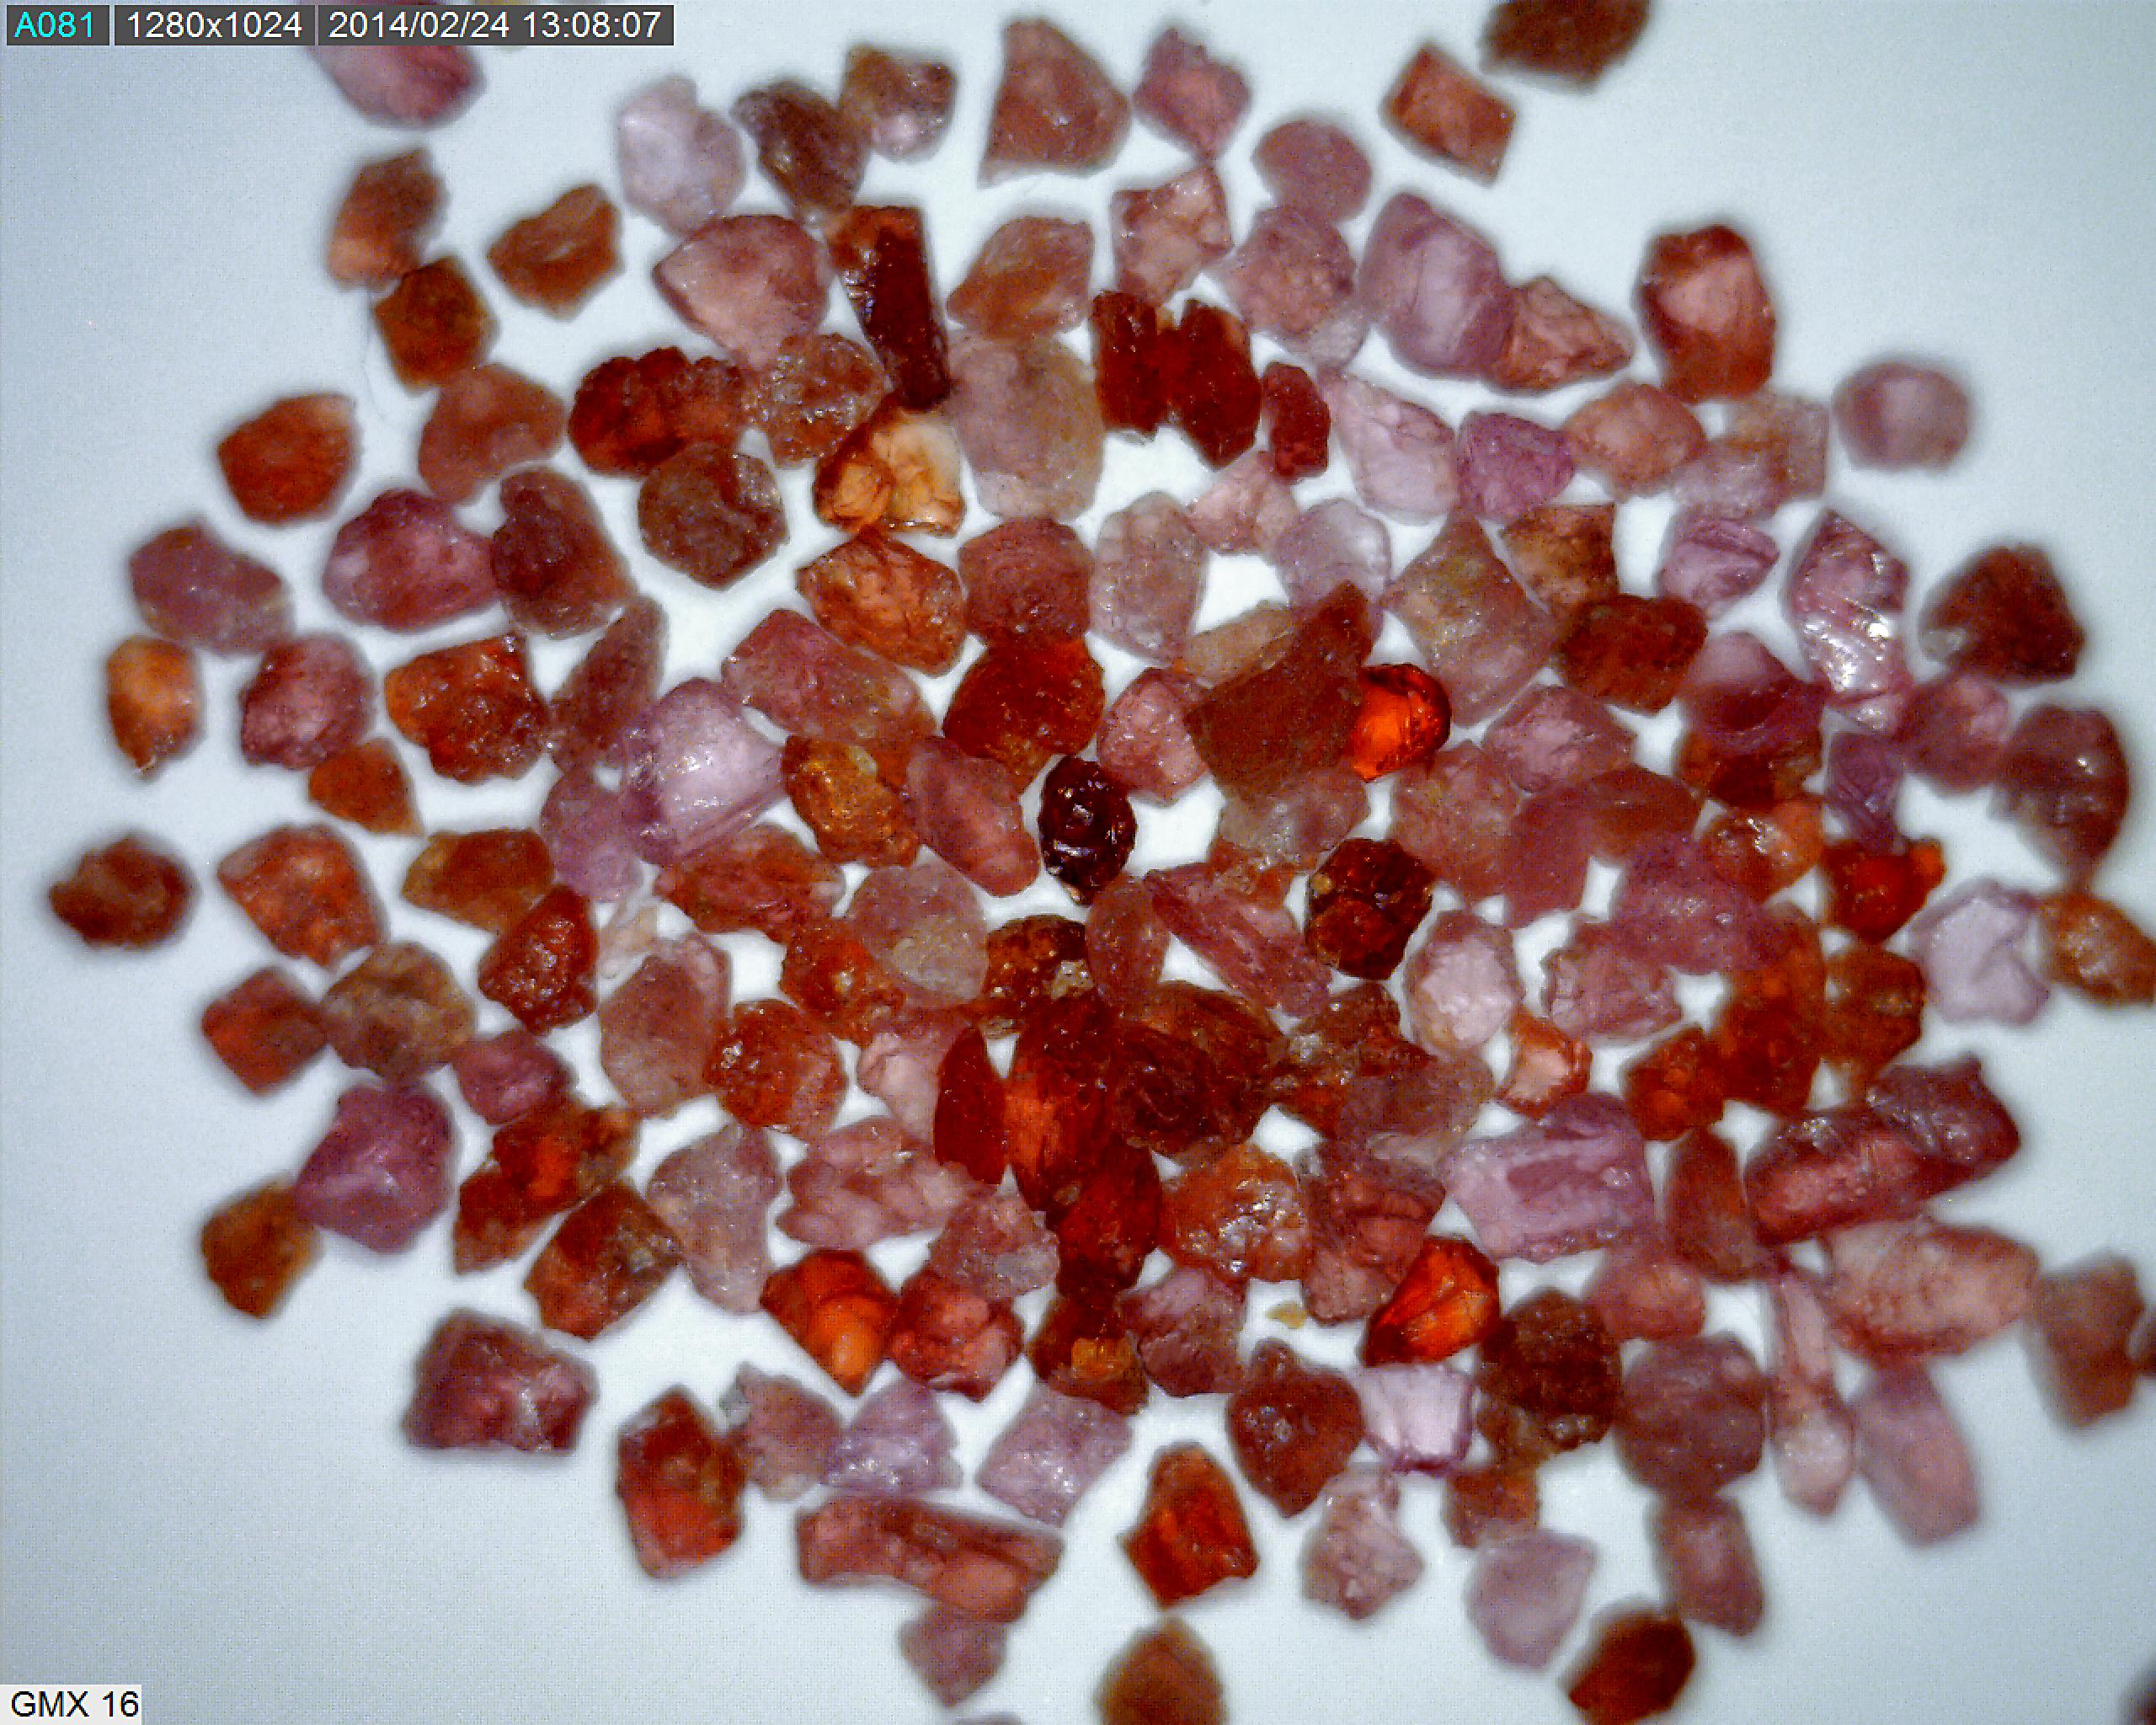 Nemcsak kemény és jó vágású – a gránát mint ipari ásvány